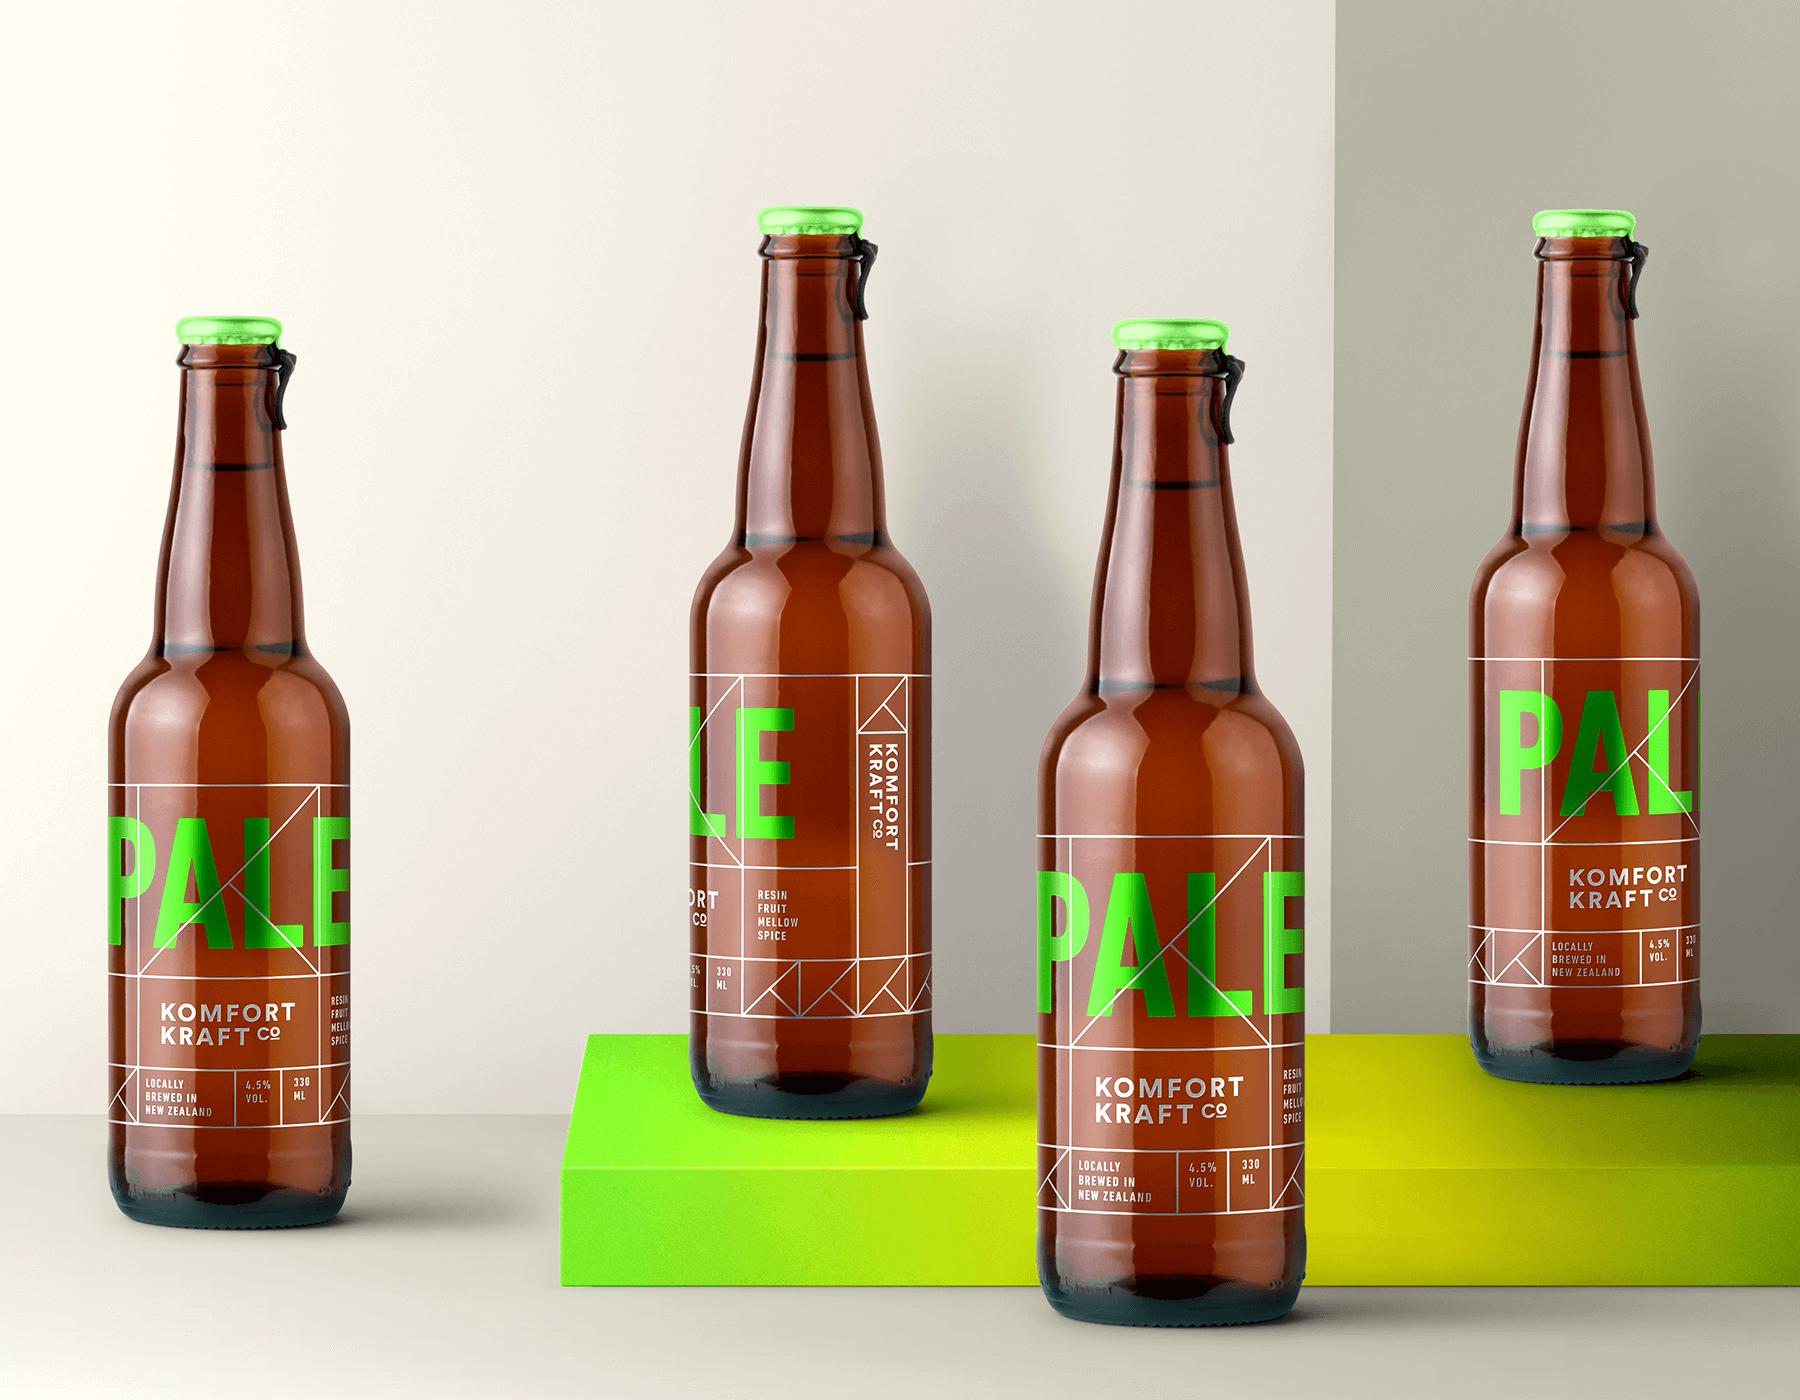 Komforting Kraft beer branding